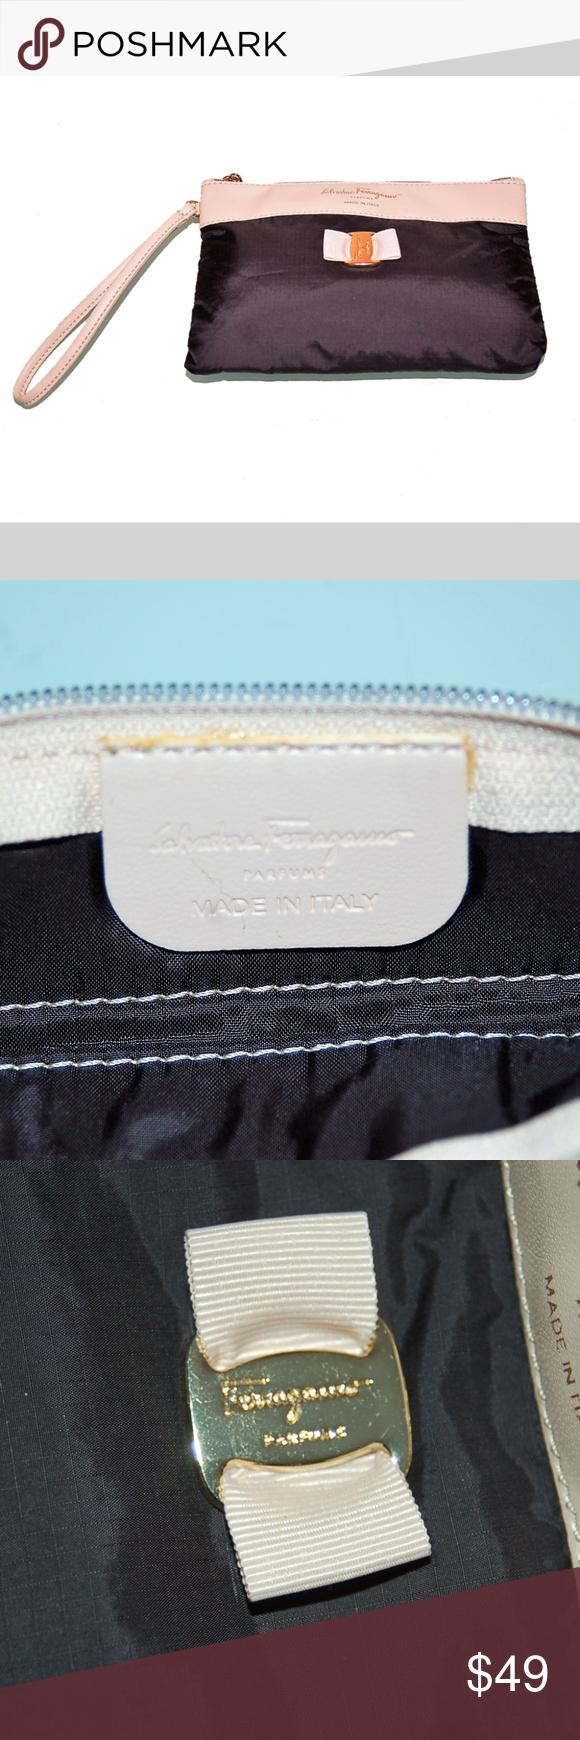 SALVATORE FERRAGAMO Parfums Wristlet Bag UNWORN Too cute! Use this Made in  Italy Ferragamo Vera 7f9cfc1be64d2